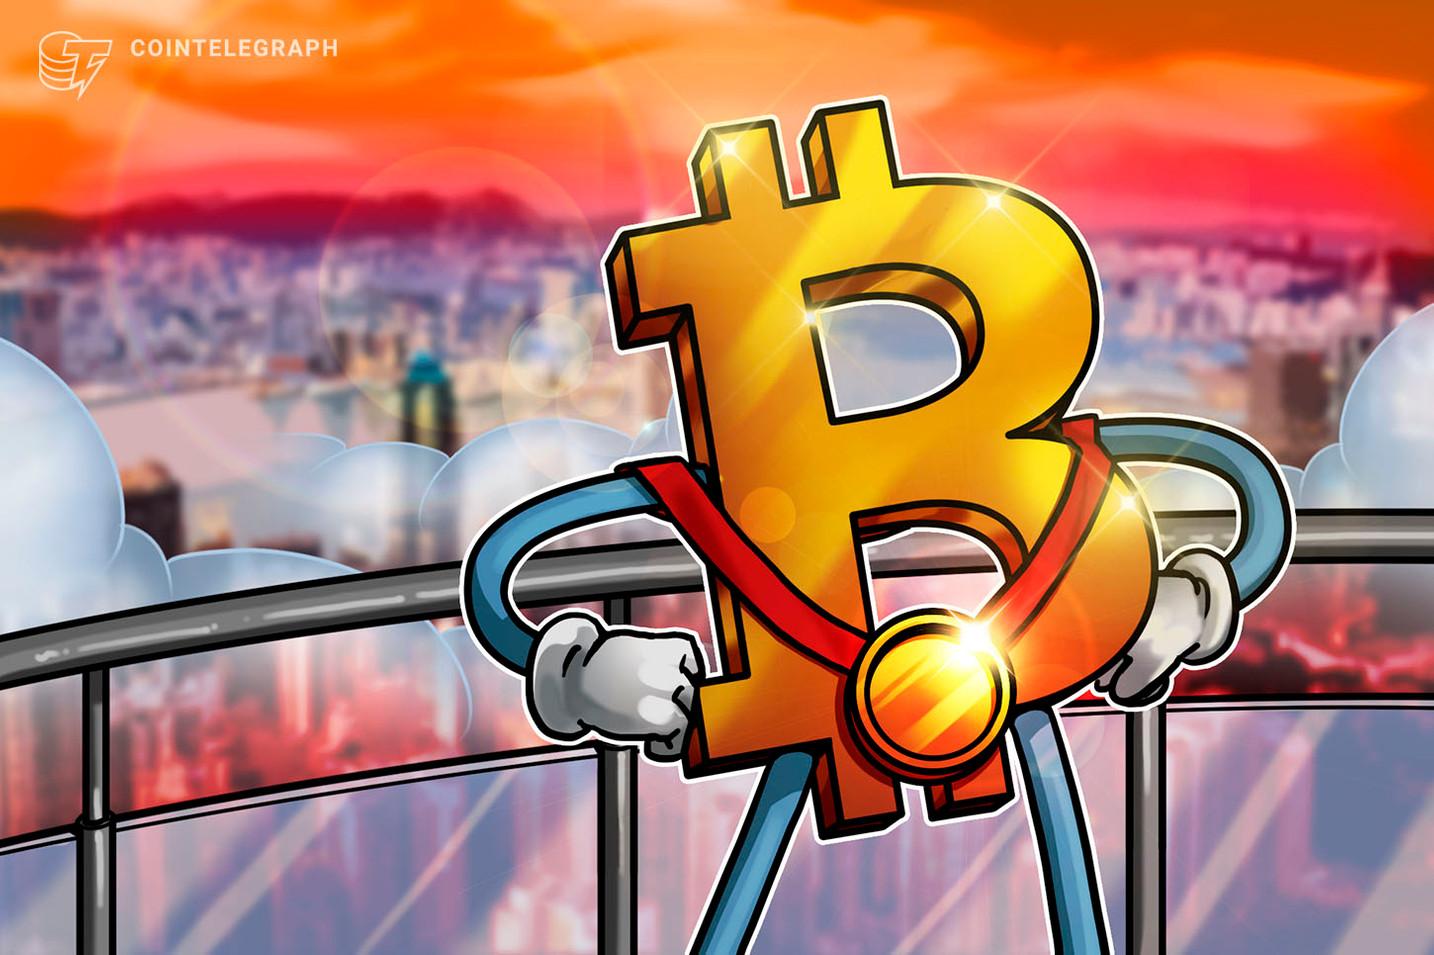 Pompliano: Bitcoin'in El Koyulamaz Olması Hong Kong'un İlgisini Çekiyor